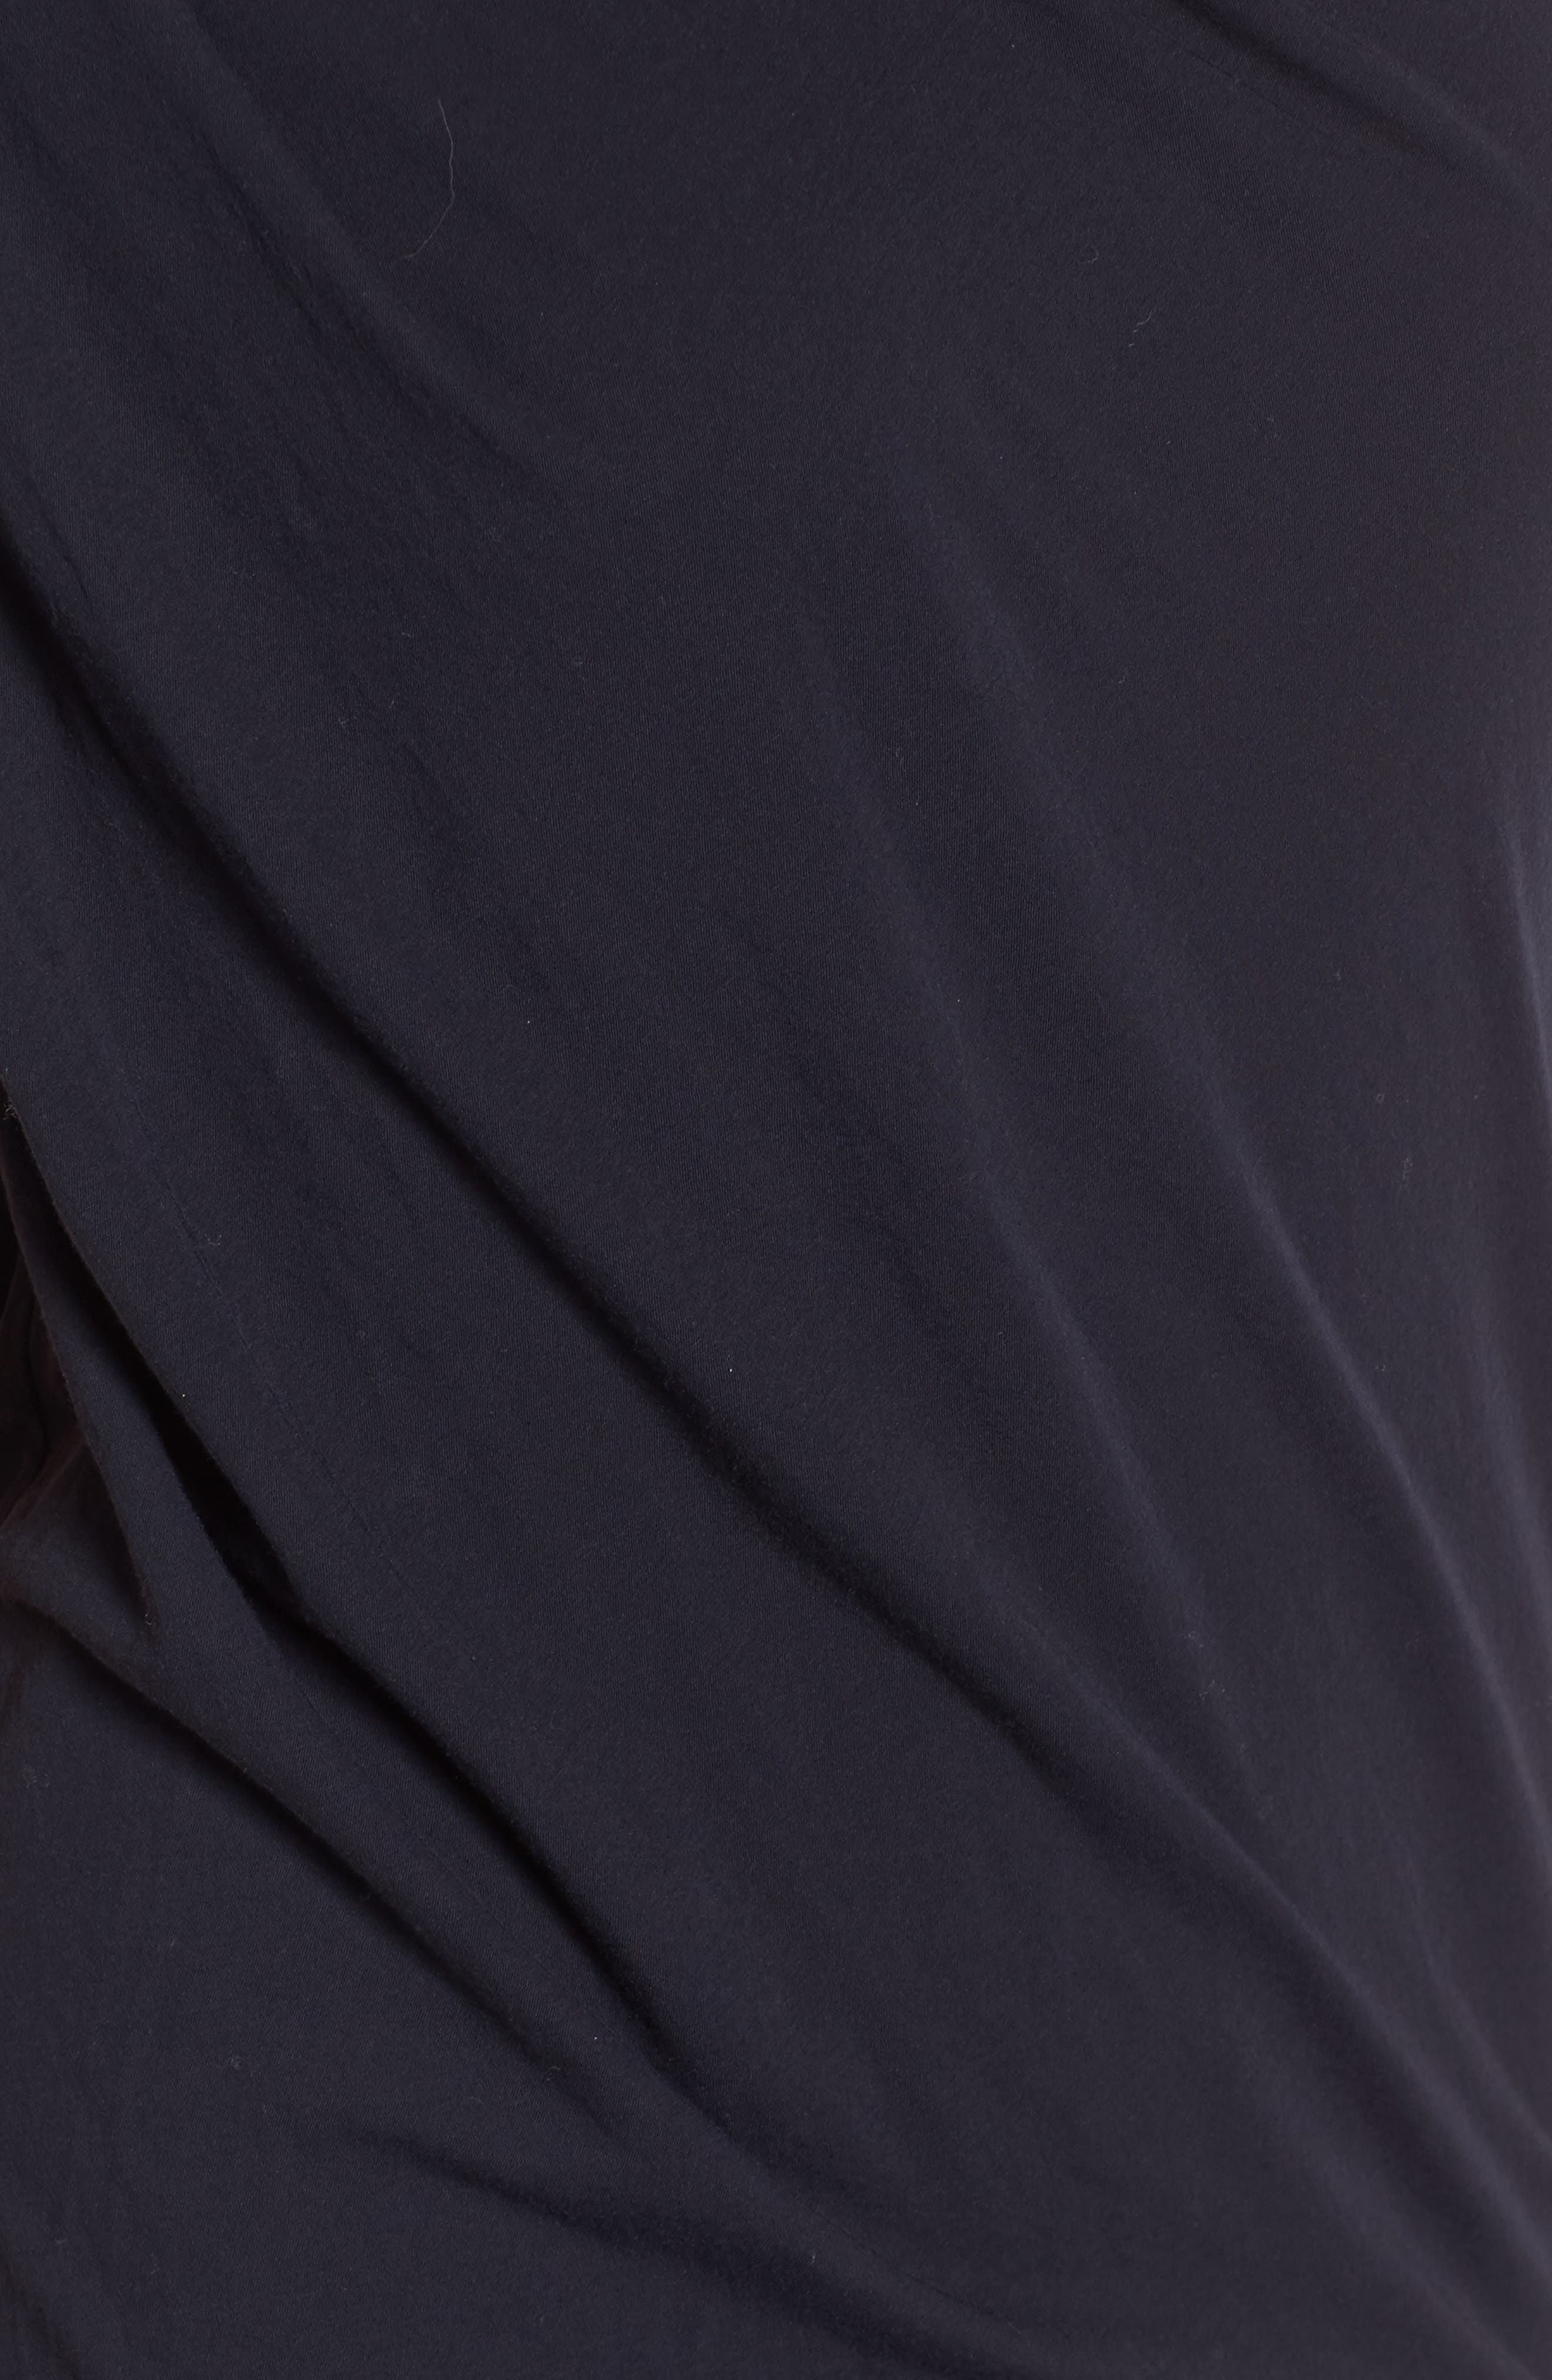 Draped One-Shoulder Midi Dress,                             Alternate thumbnail 15, color,